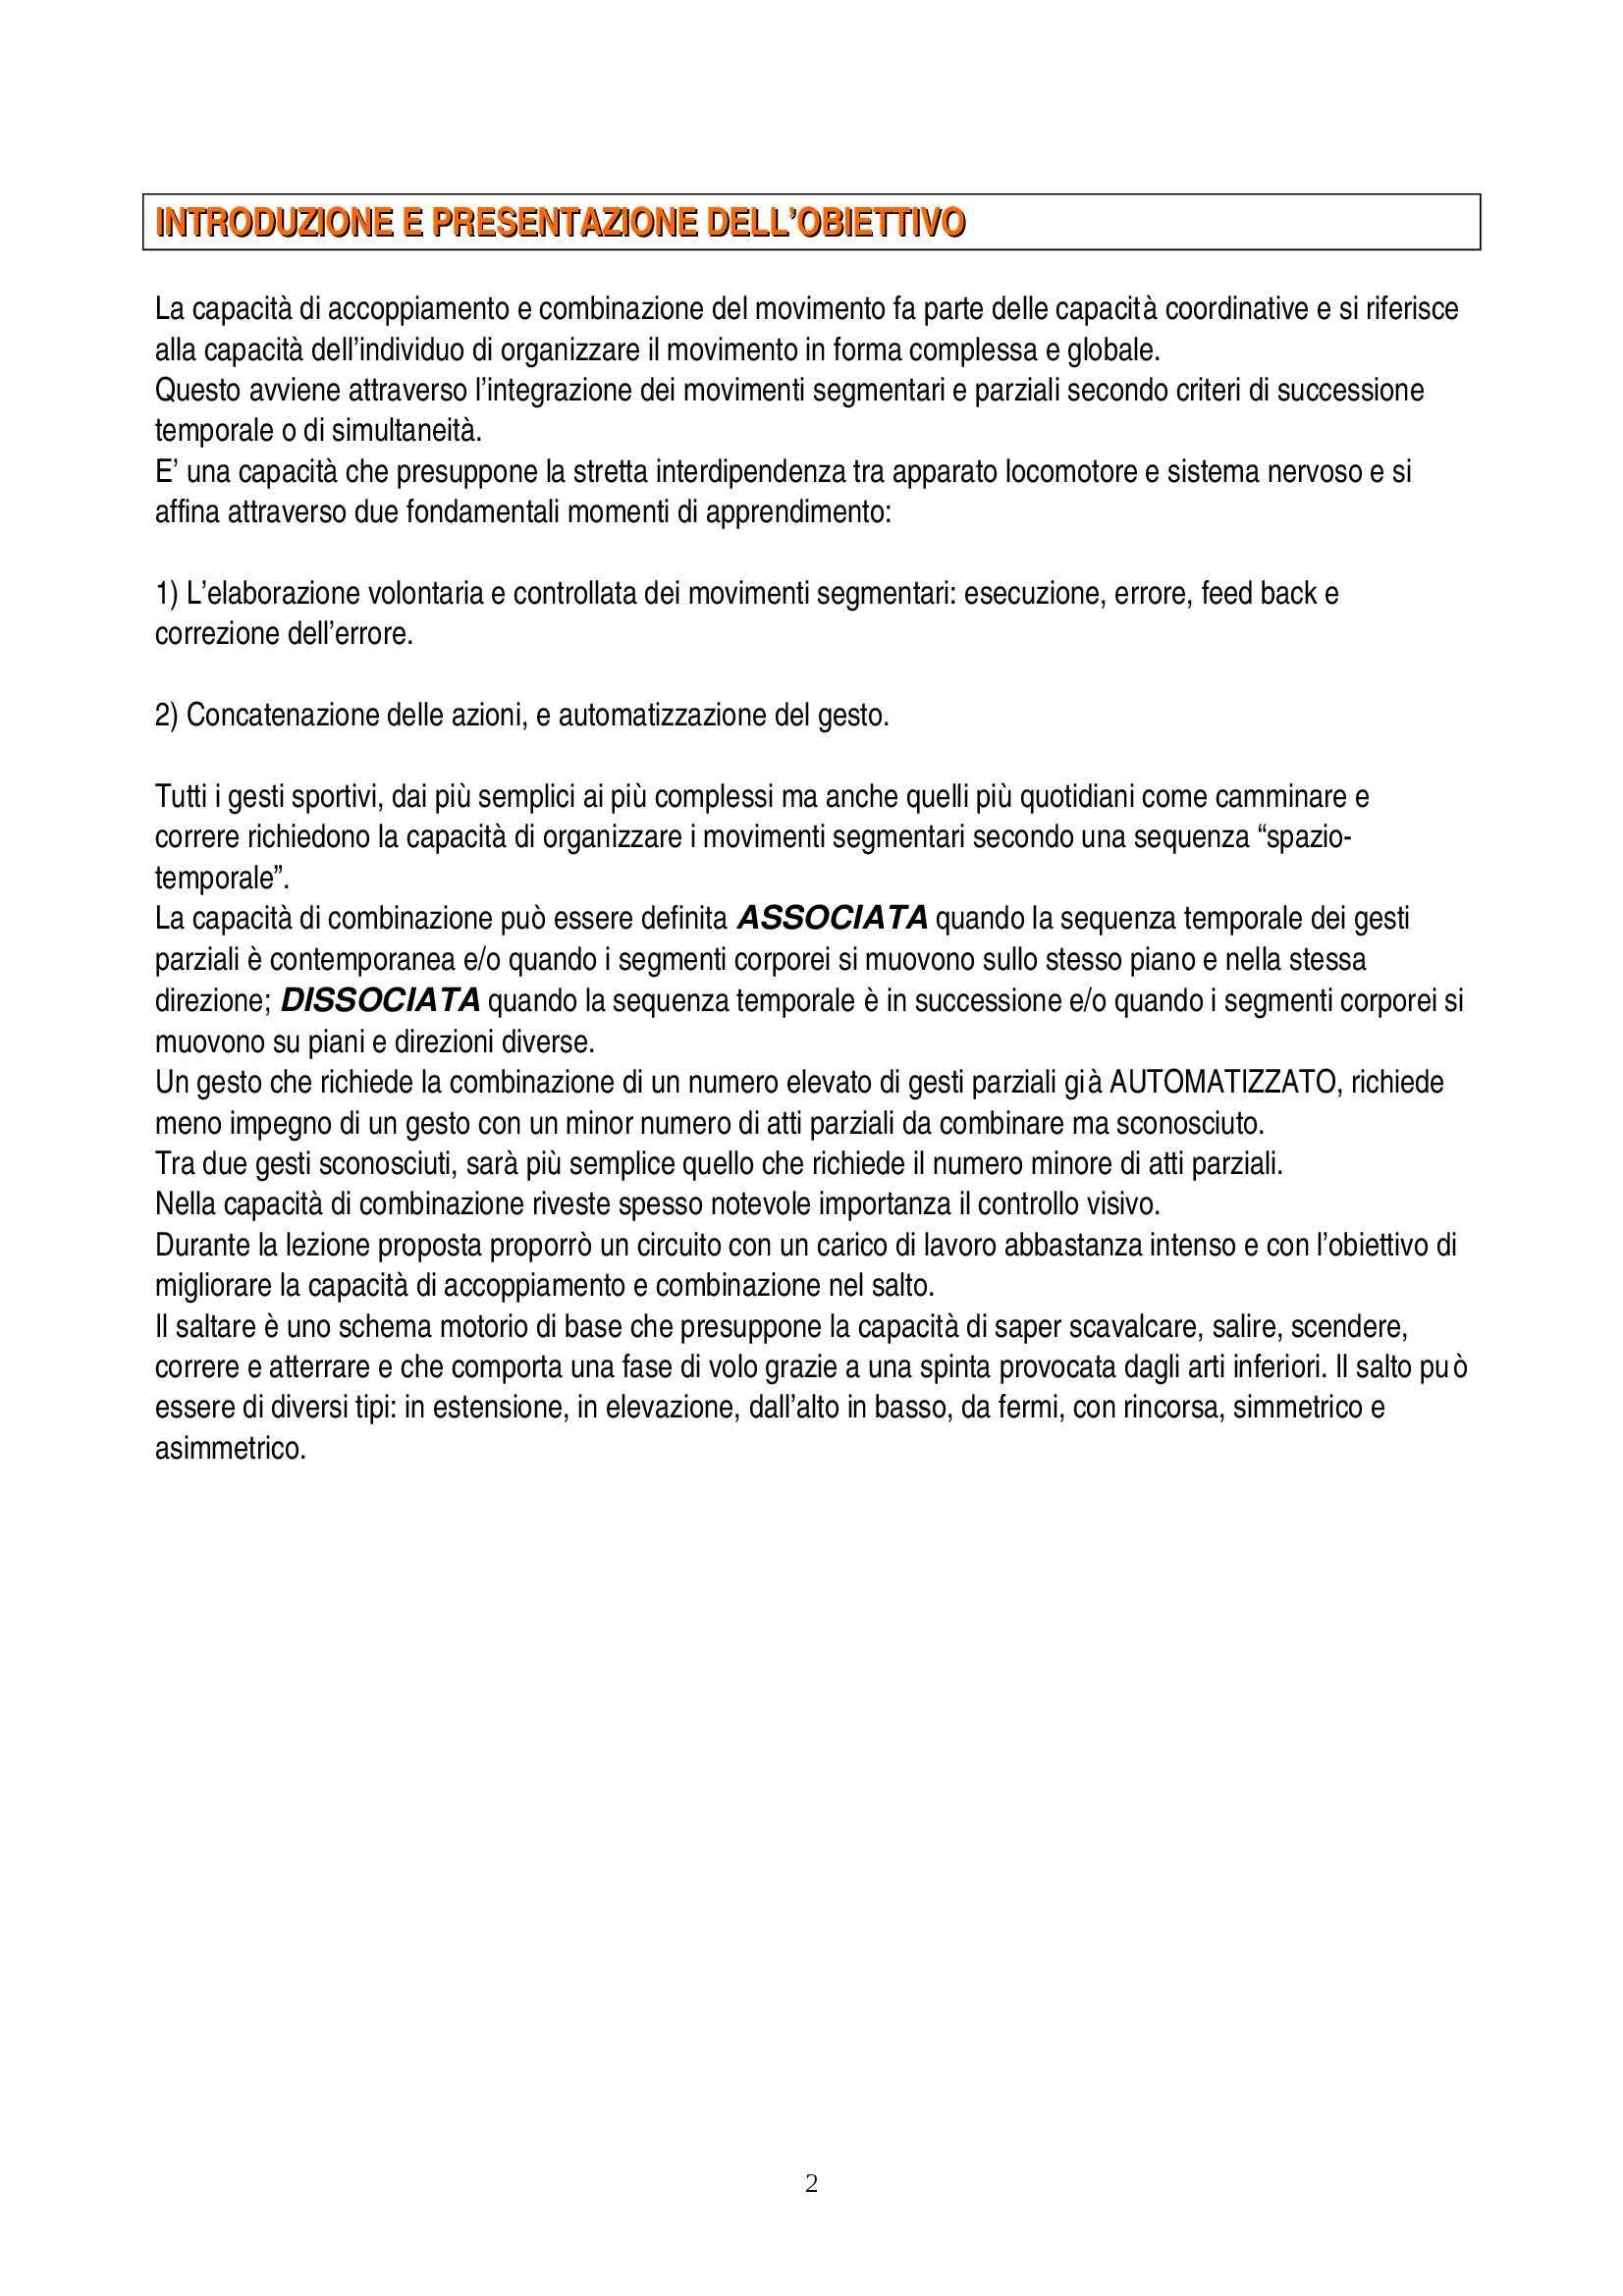 Teoria e Metodologia del movimento umano - esercitazione Pag. 2